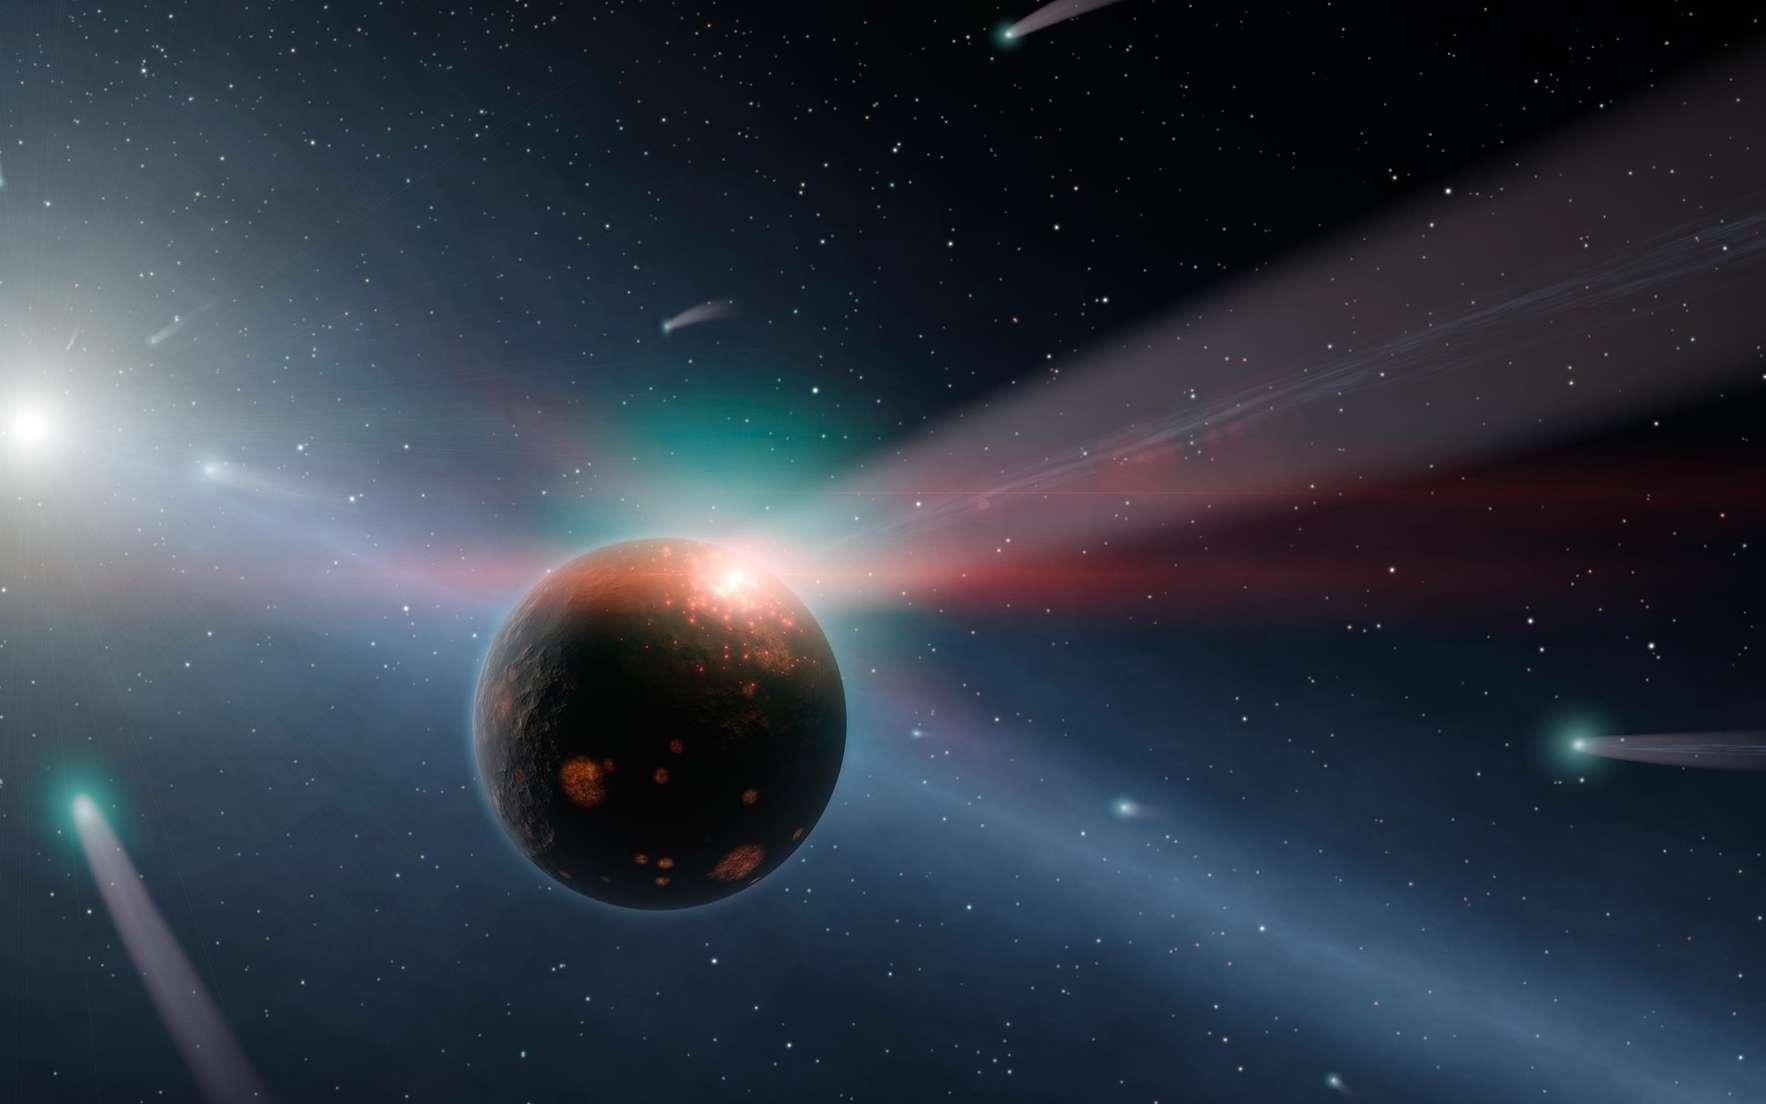 Vue d'artiste d'une proto-planète bombardée par des comètes. © NASA, JPL-Caltech